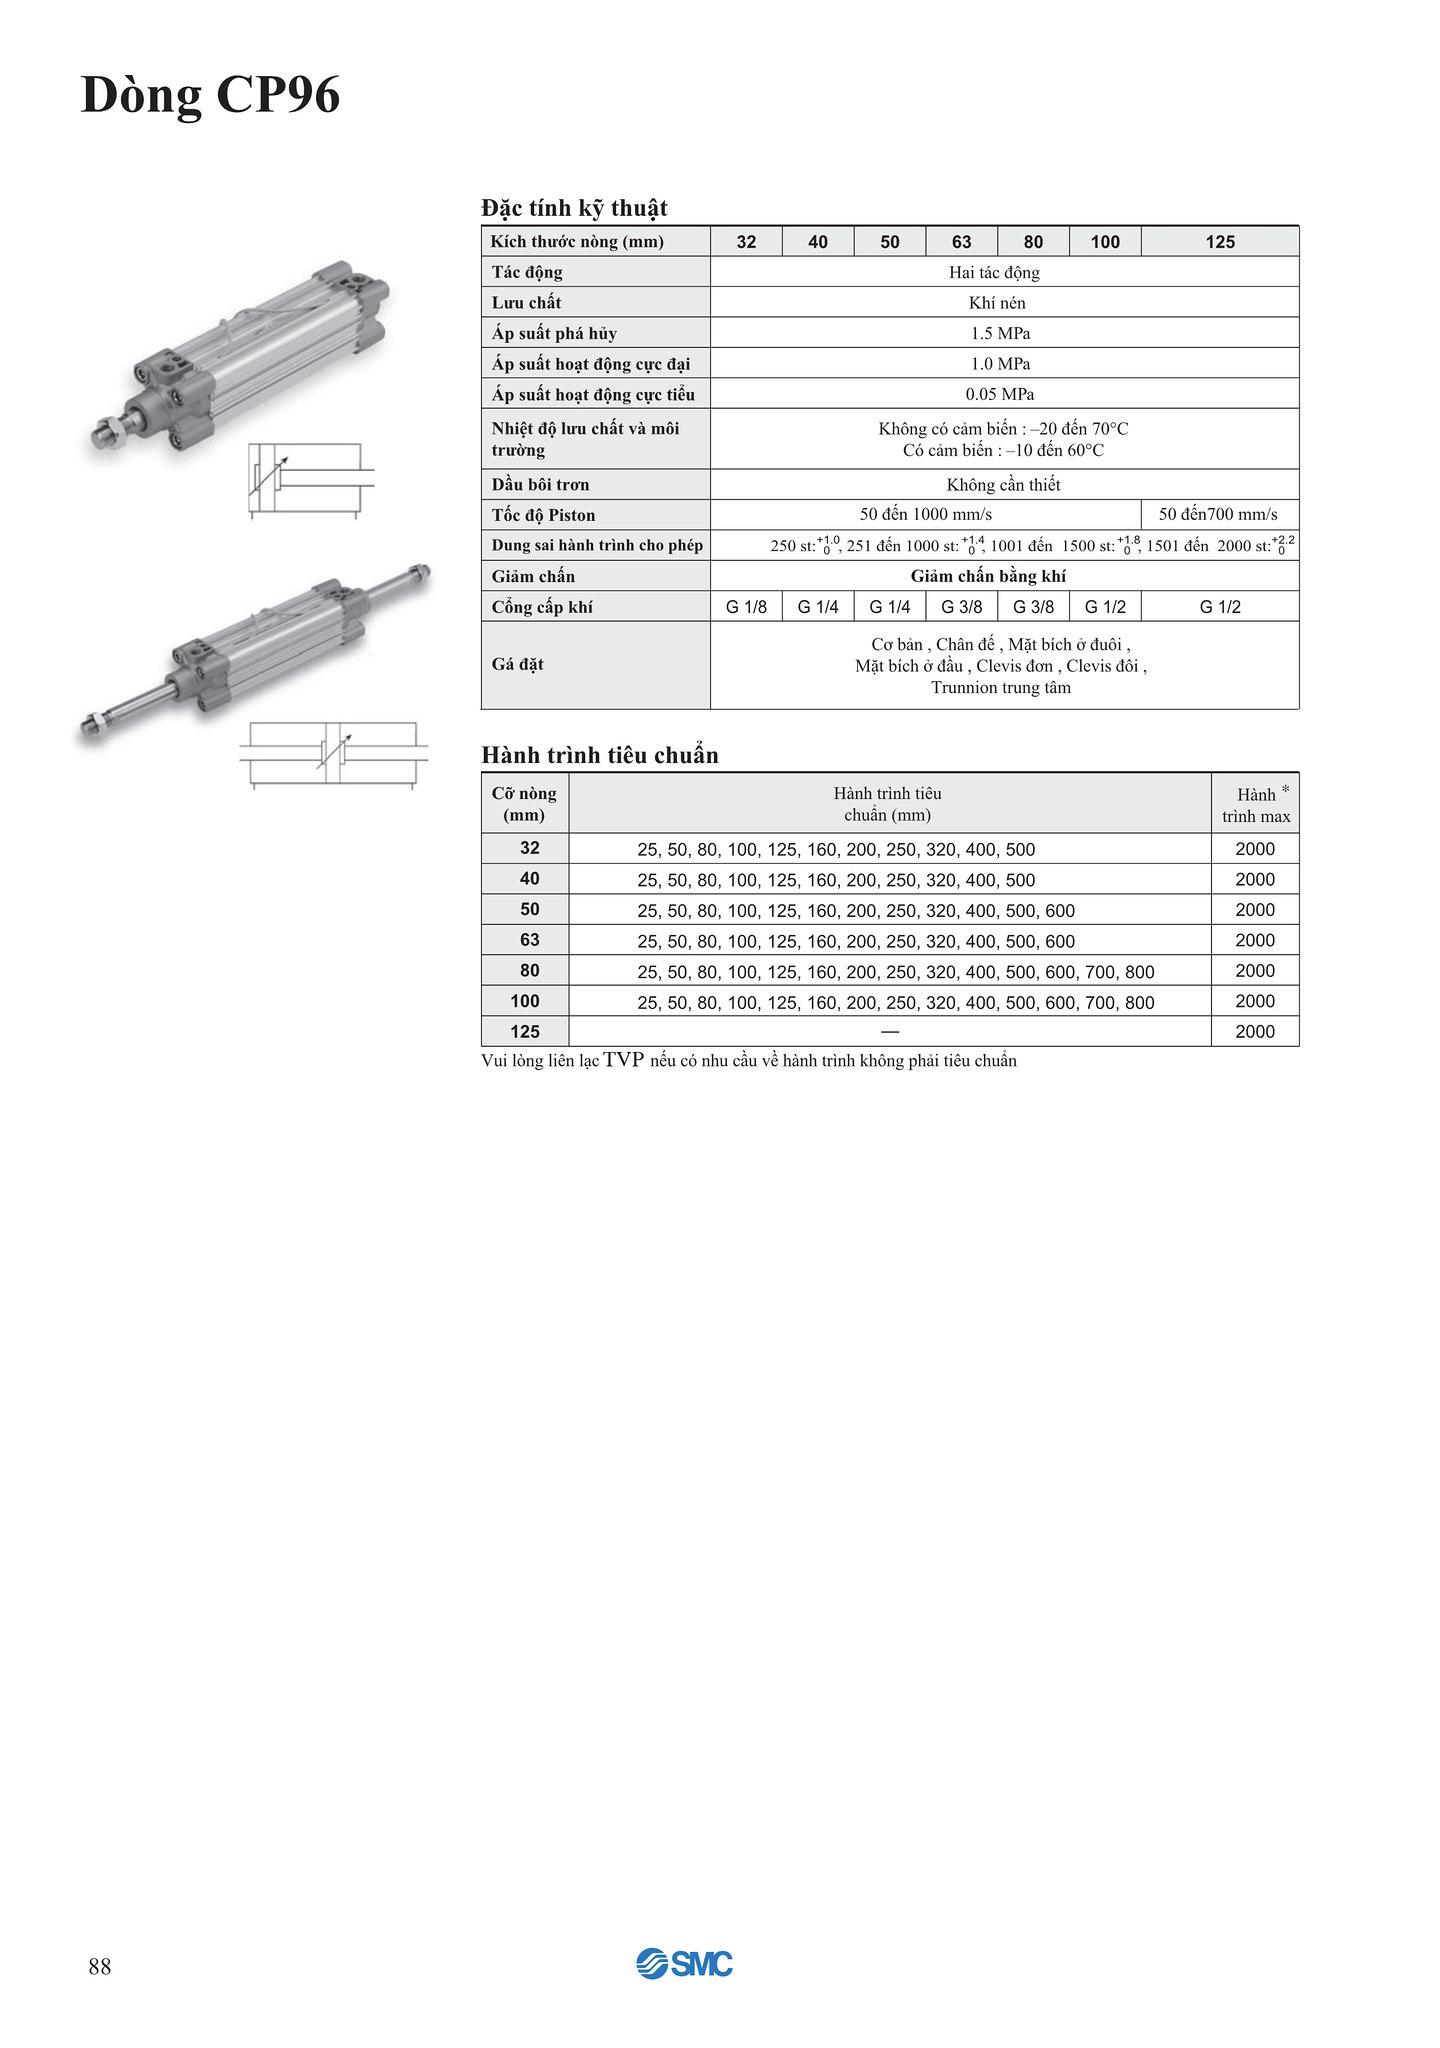 xy lanh smc tiêu chuẩn CP96